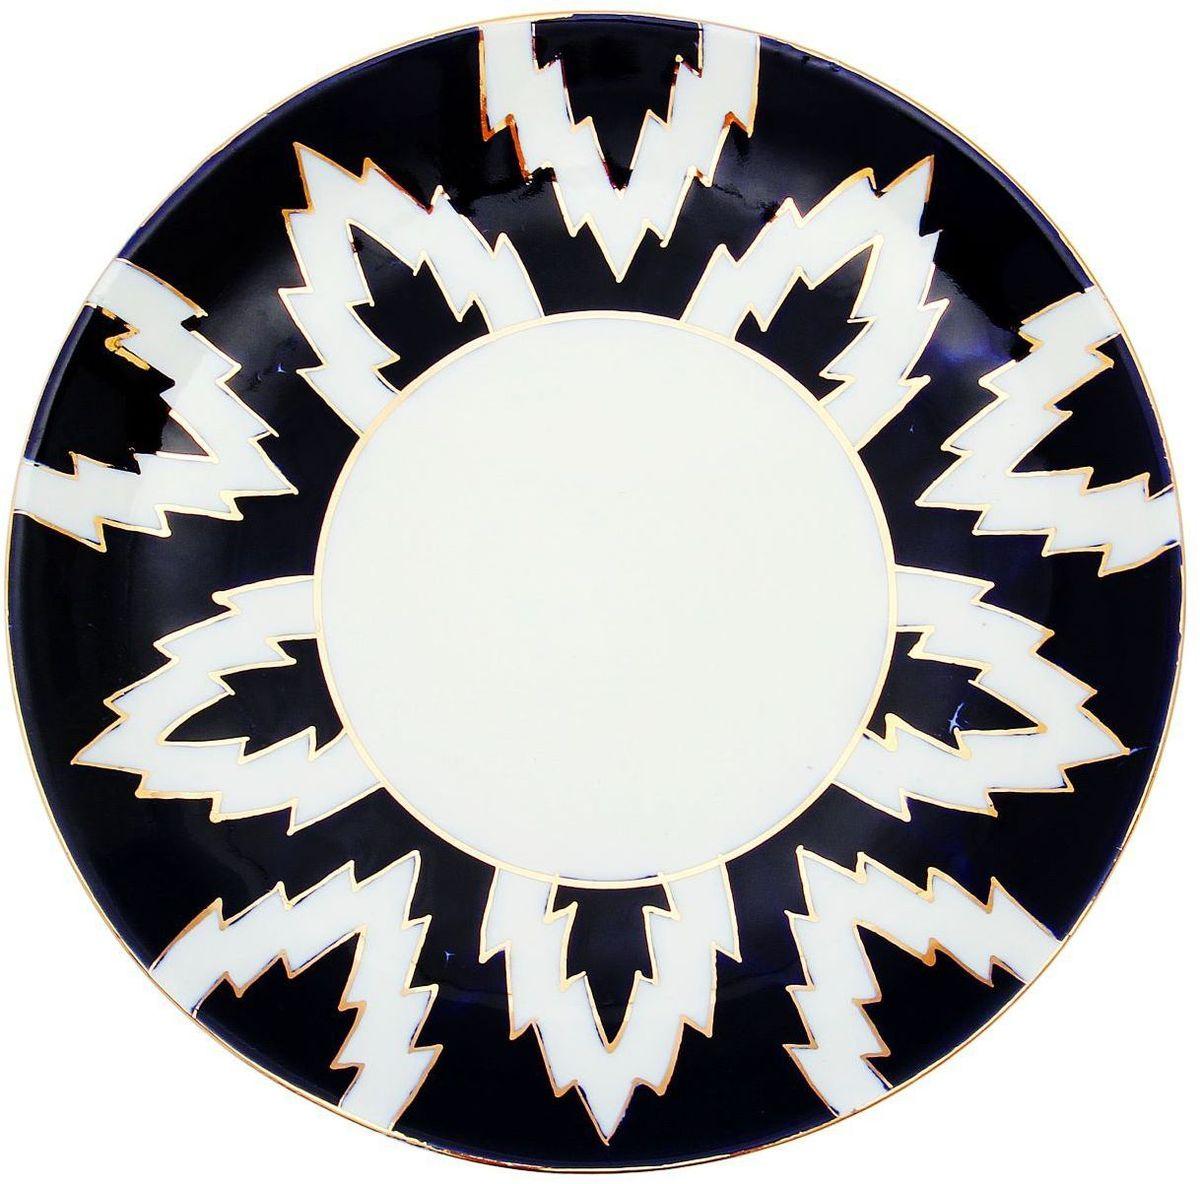 Тарелка Turon Porcelain Атлас, цвет: белый, синий, золотистый, диаметр 22,5 см1625406Узбекская посуда известна всему миру уже более тысячи лет. Ей любовались царские особы, на ней подавали еду для шейхов и знатных персон. Формулы красок и глазури передаются из поколения в поколение. По сей день качественные расписные изделия продолжают восхищать совершенством и завораживающей красотой.Данный предмет подойдёт для повседневной и праздничной сервировки. Дополните стол текстилем и салфетками в тон, чтобы получить элегантное убранство с яркими акцентами.Национальная узбекская роспись «Атлас» имеет симметричный геометрический рисунок. Узоры, похожие на листья, выводятся тонкой кистью, фон заливается тёмно-синим кобальтом. Синий краситель при обжиге слегка растекается и придаёт контуру изображений голубой оттенок. Густая глазурь наносится толстым слоем, благодаря чему рисунок мерцает.